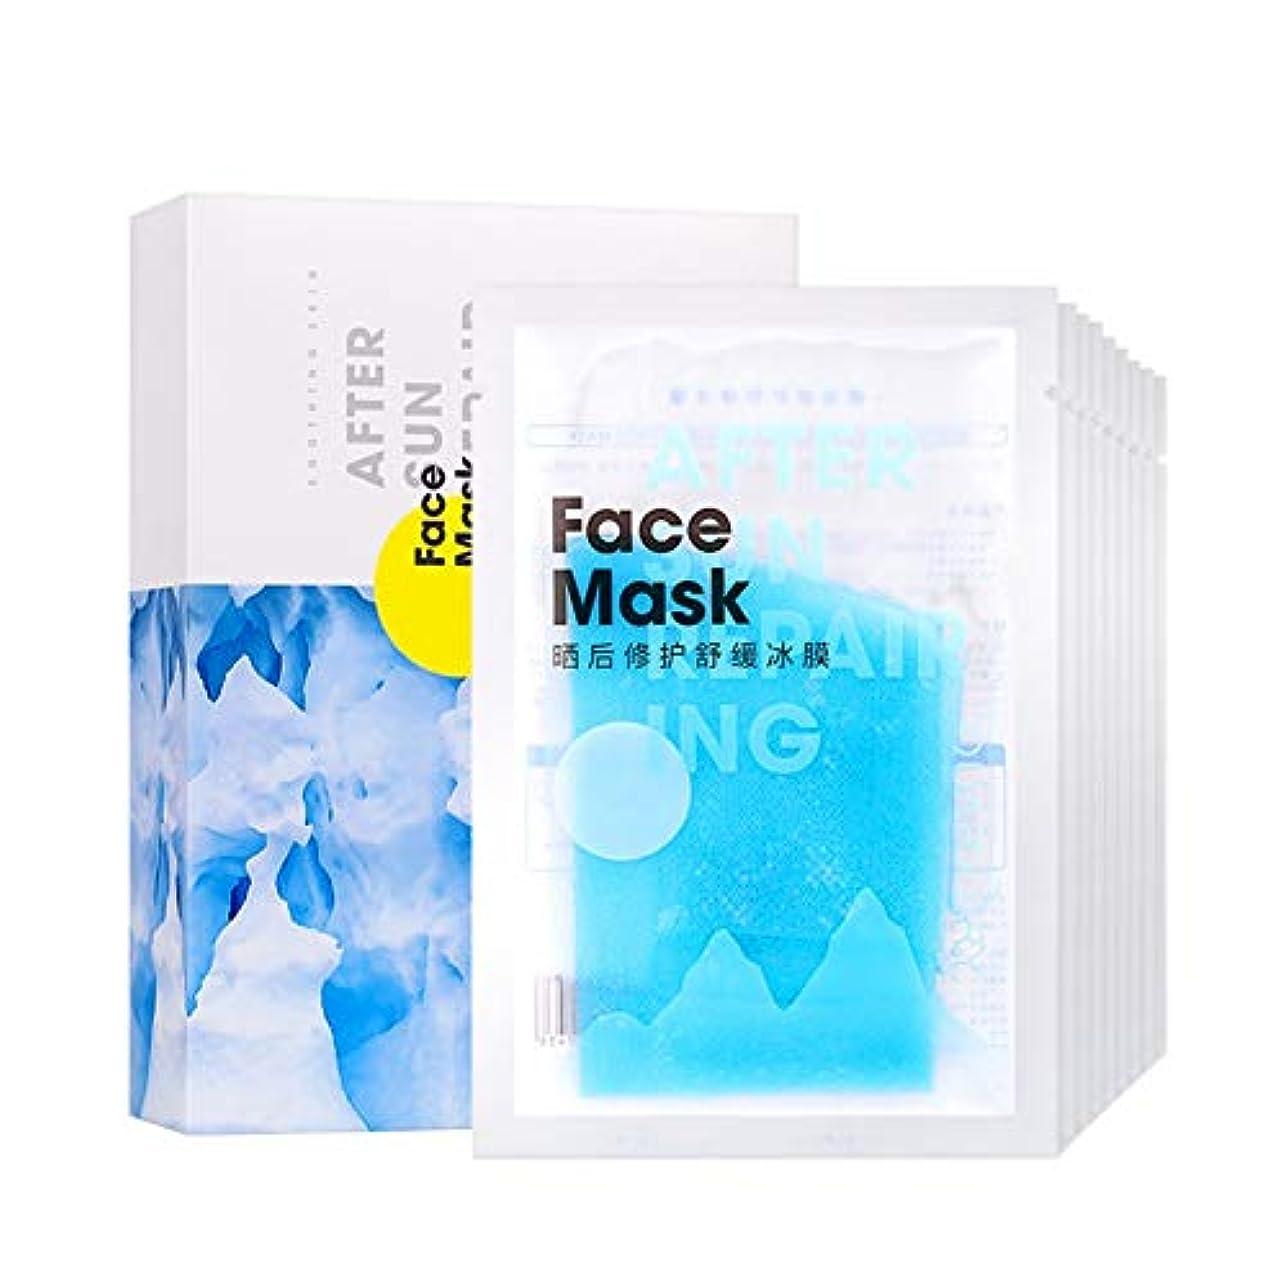 ジュースプレミア保持するフェイスマスク マスク 極潤 極薄 浸透 モイスチャライジング 高保湿 オールインワン 潤い 小しわを滑らかに 日焼け後リペアマスク10枚入り Cutelove